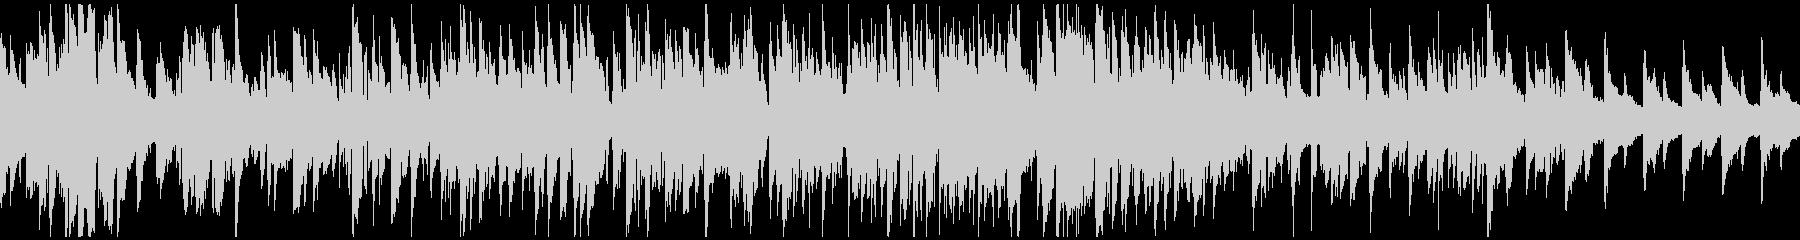 ジャズ・ワルツ、軽快な高揚感 ※ループ版の未再生の波形